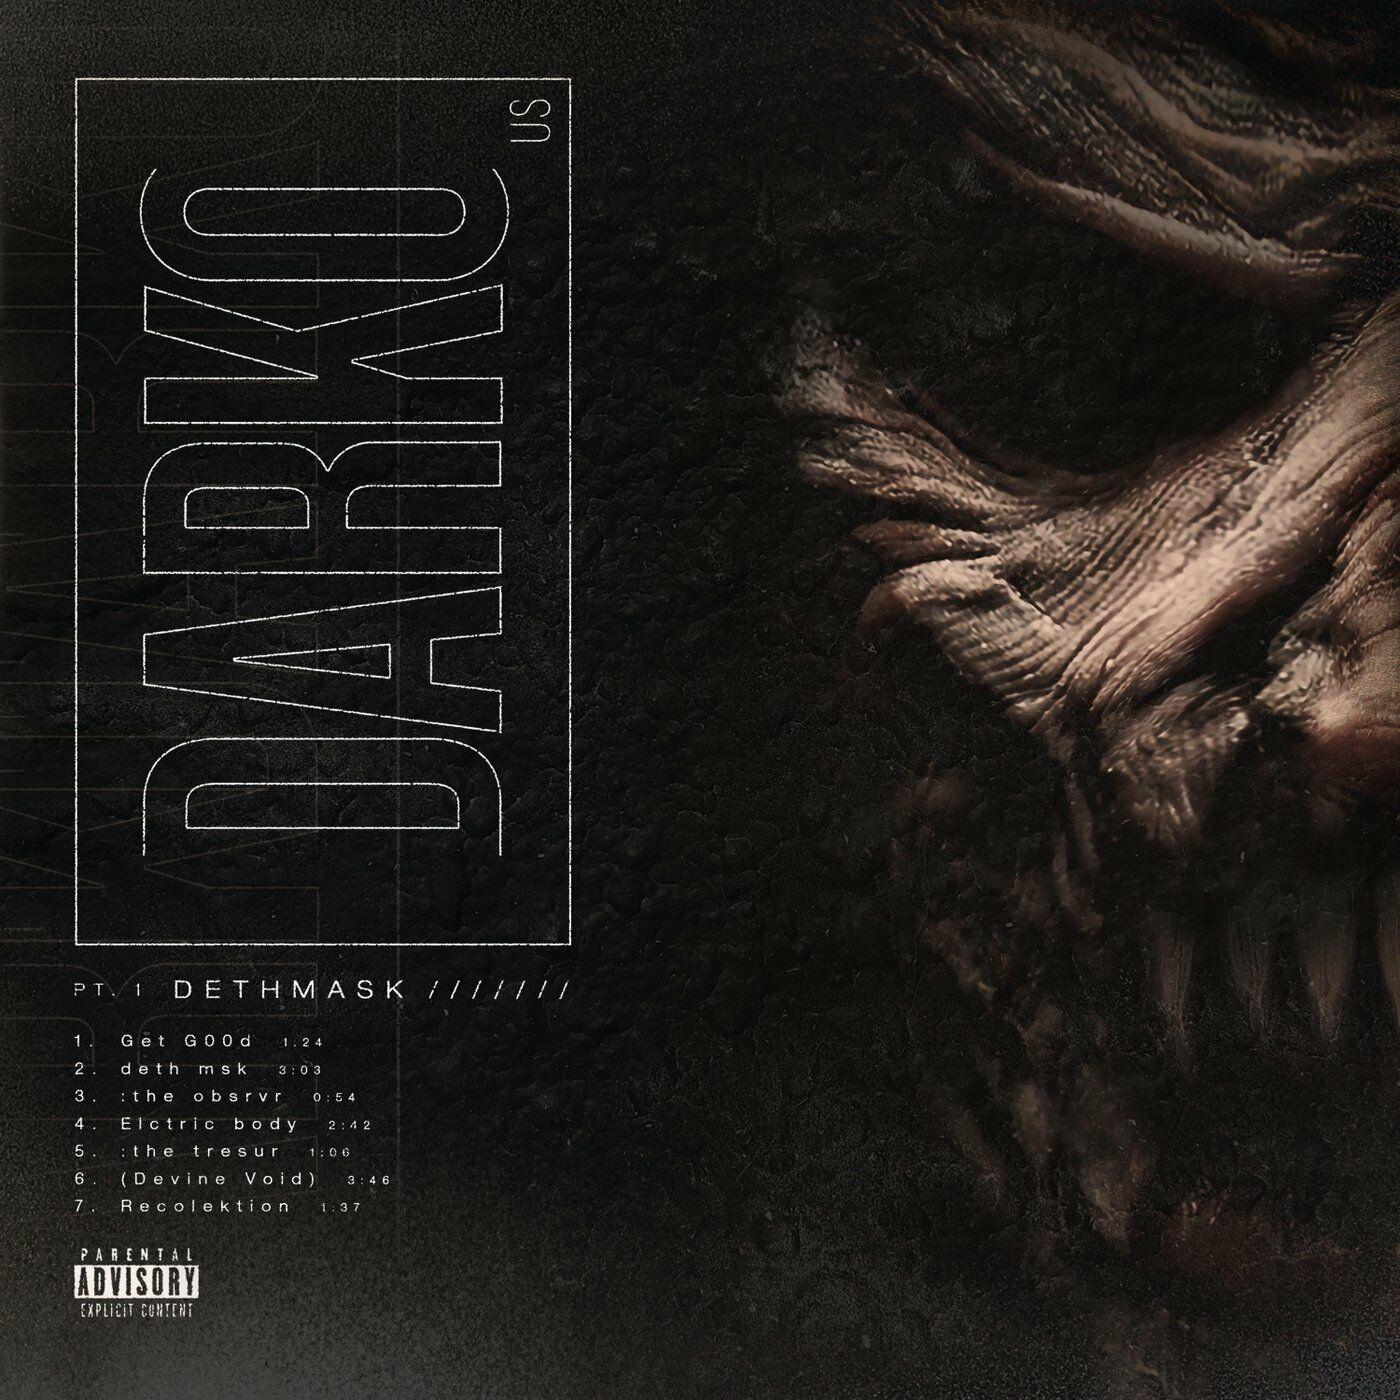 Darko US - Pt. 1 Dethmask [EP] (2020)